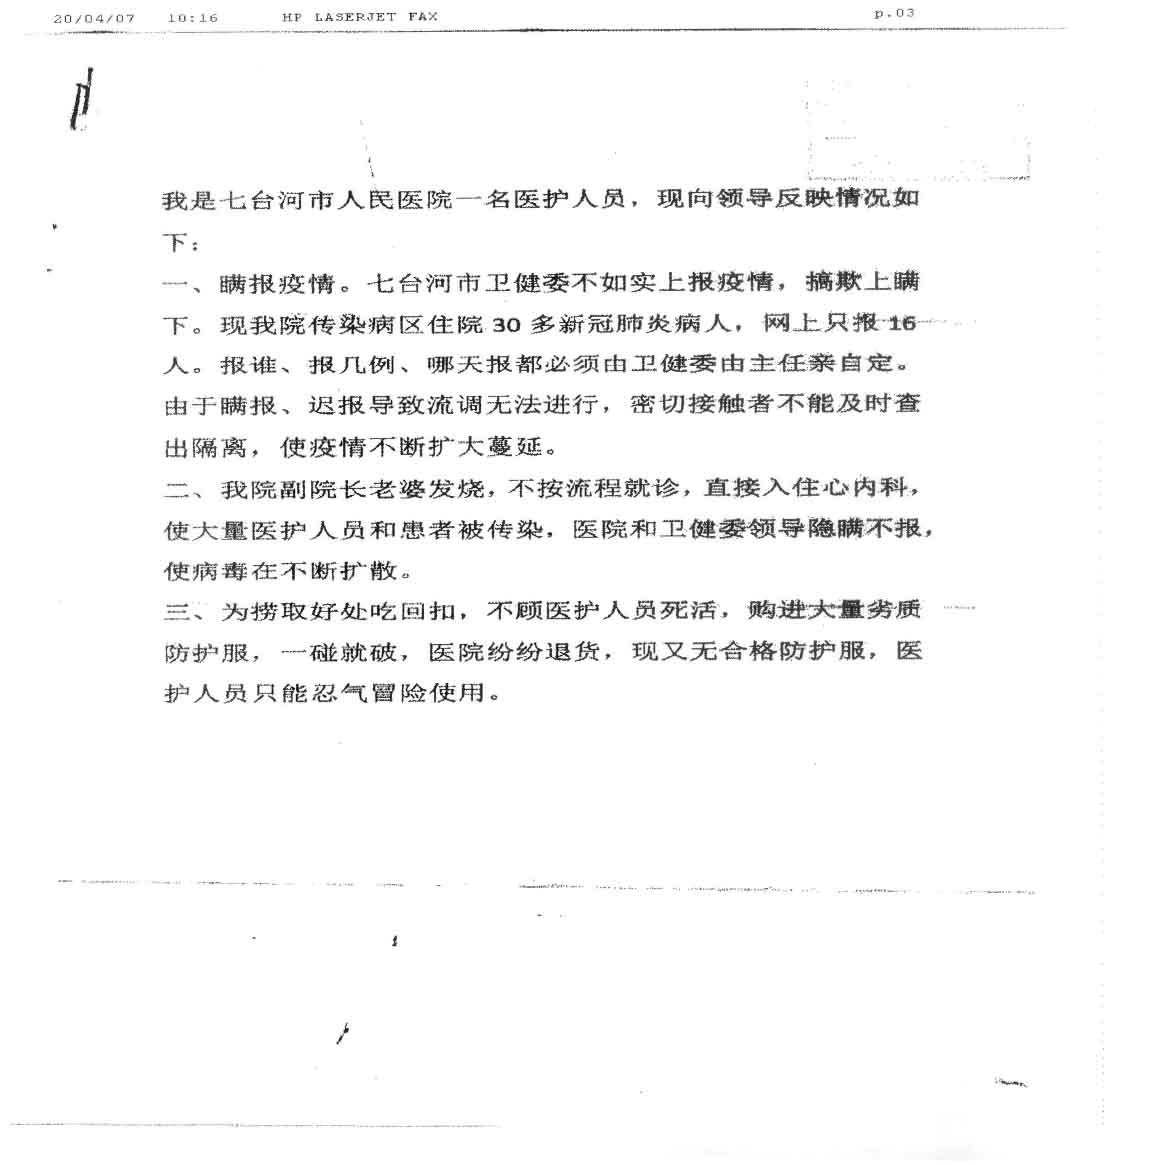 七台河醫護人員舉報信,揭露當地衛健委瞞報疫情。(大紀元)